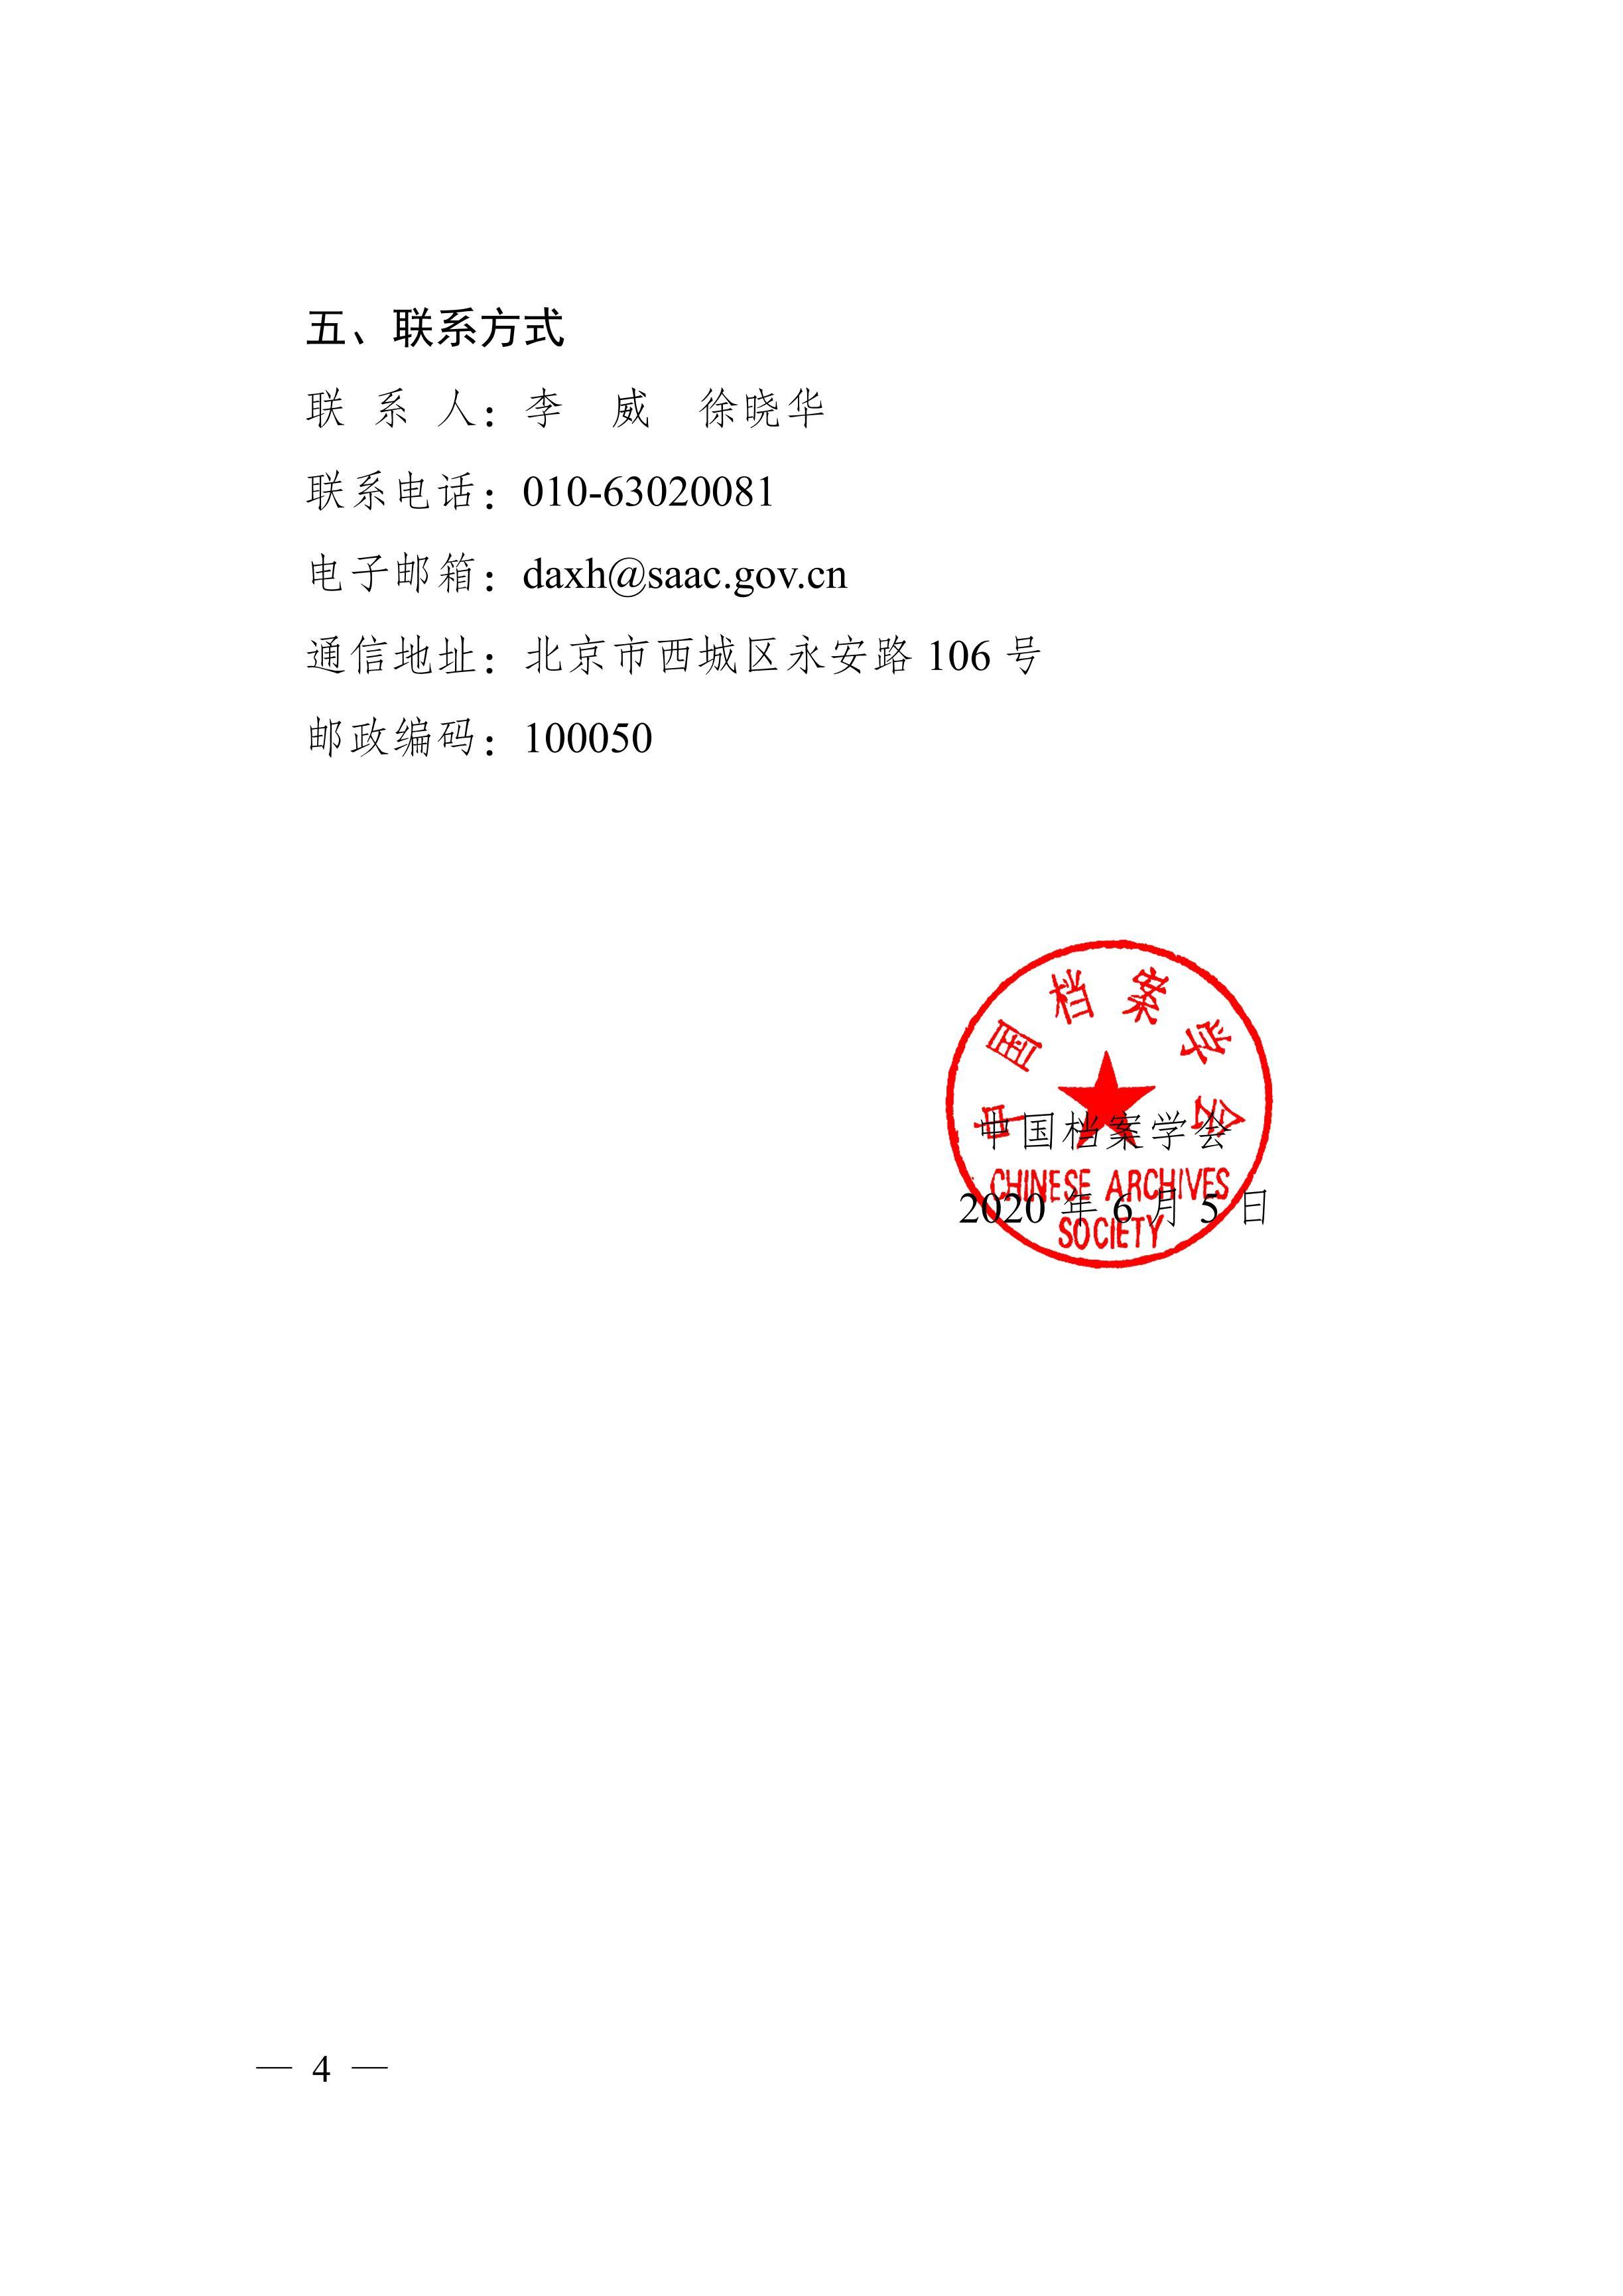 [2020]-3号 发展会员-3